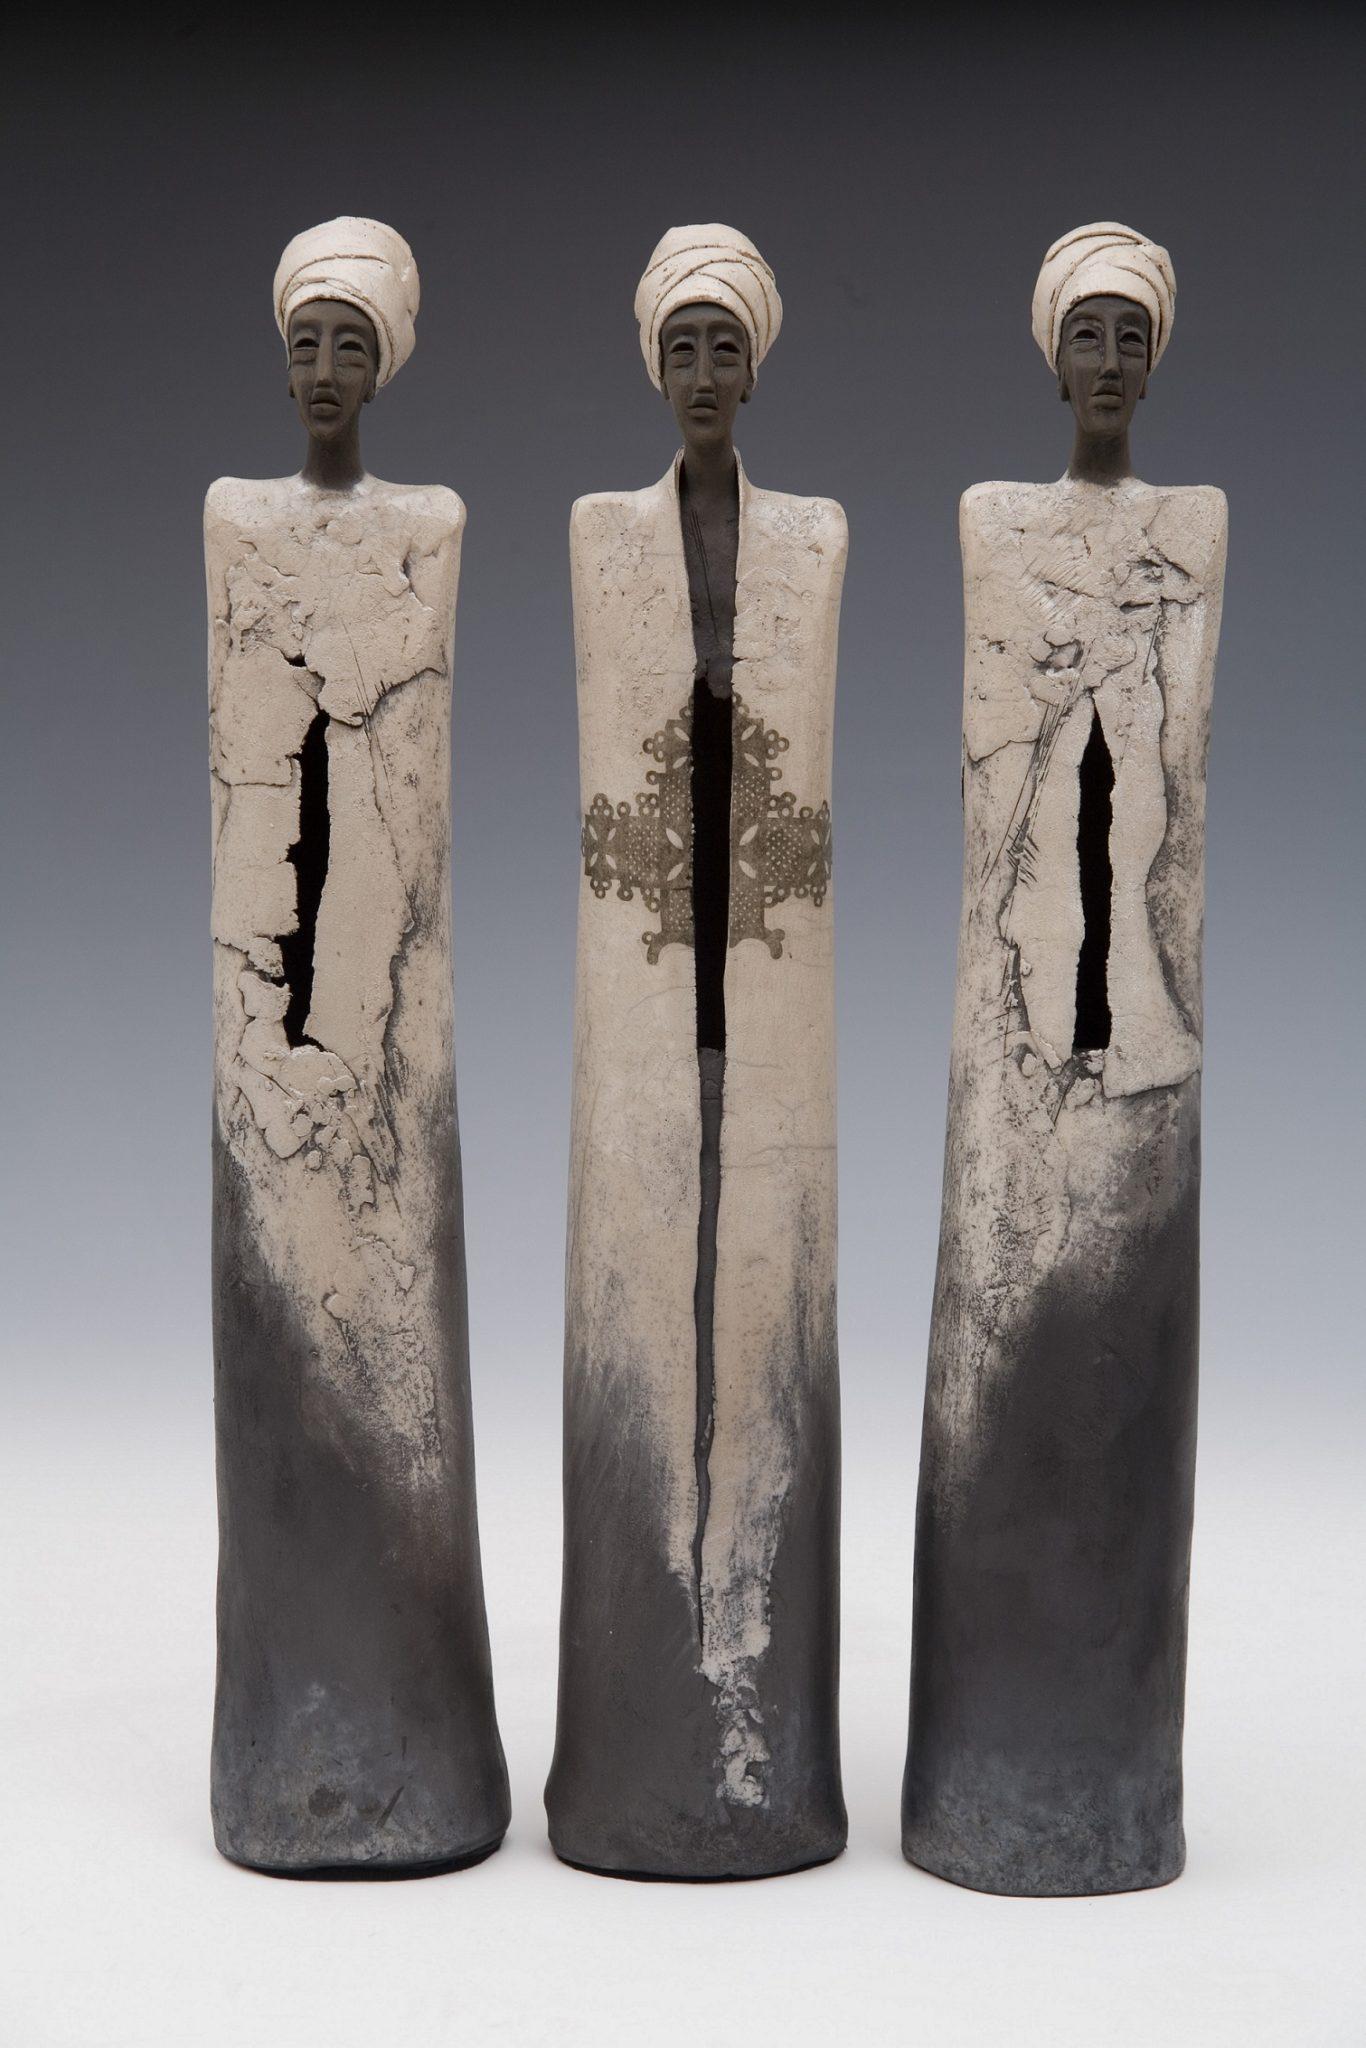 Gail Rushmore - 3 Sisters